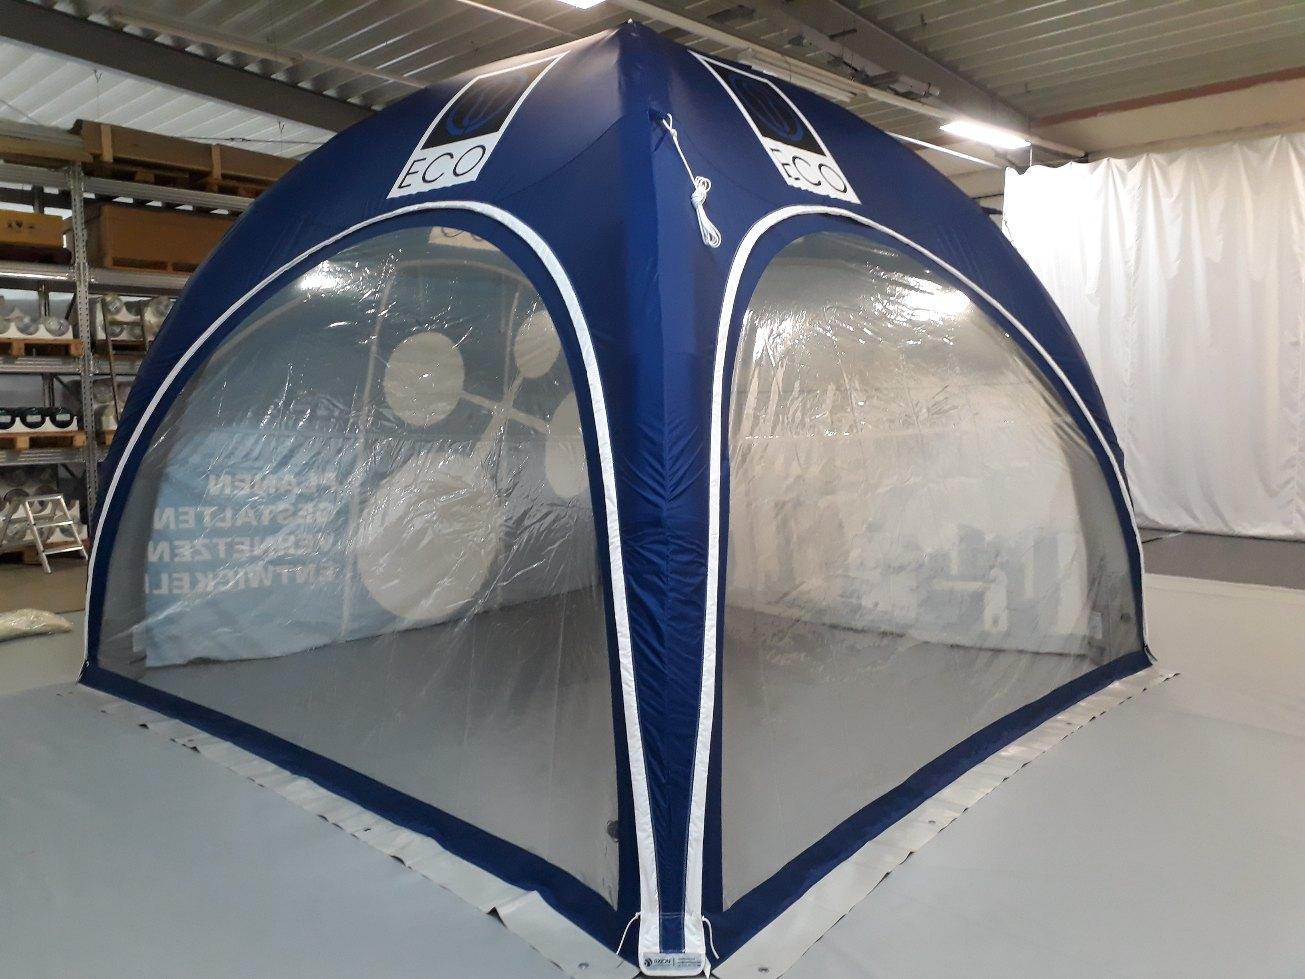 Aufblasbares Zelt mit Türen